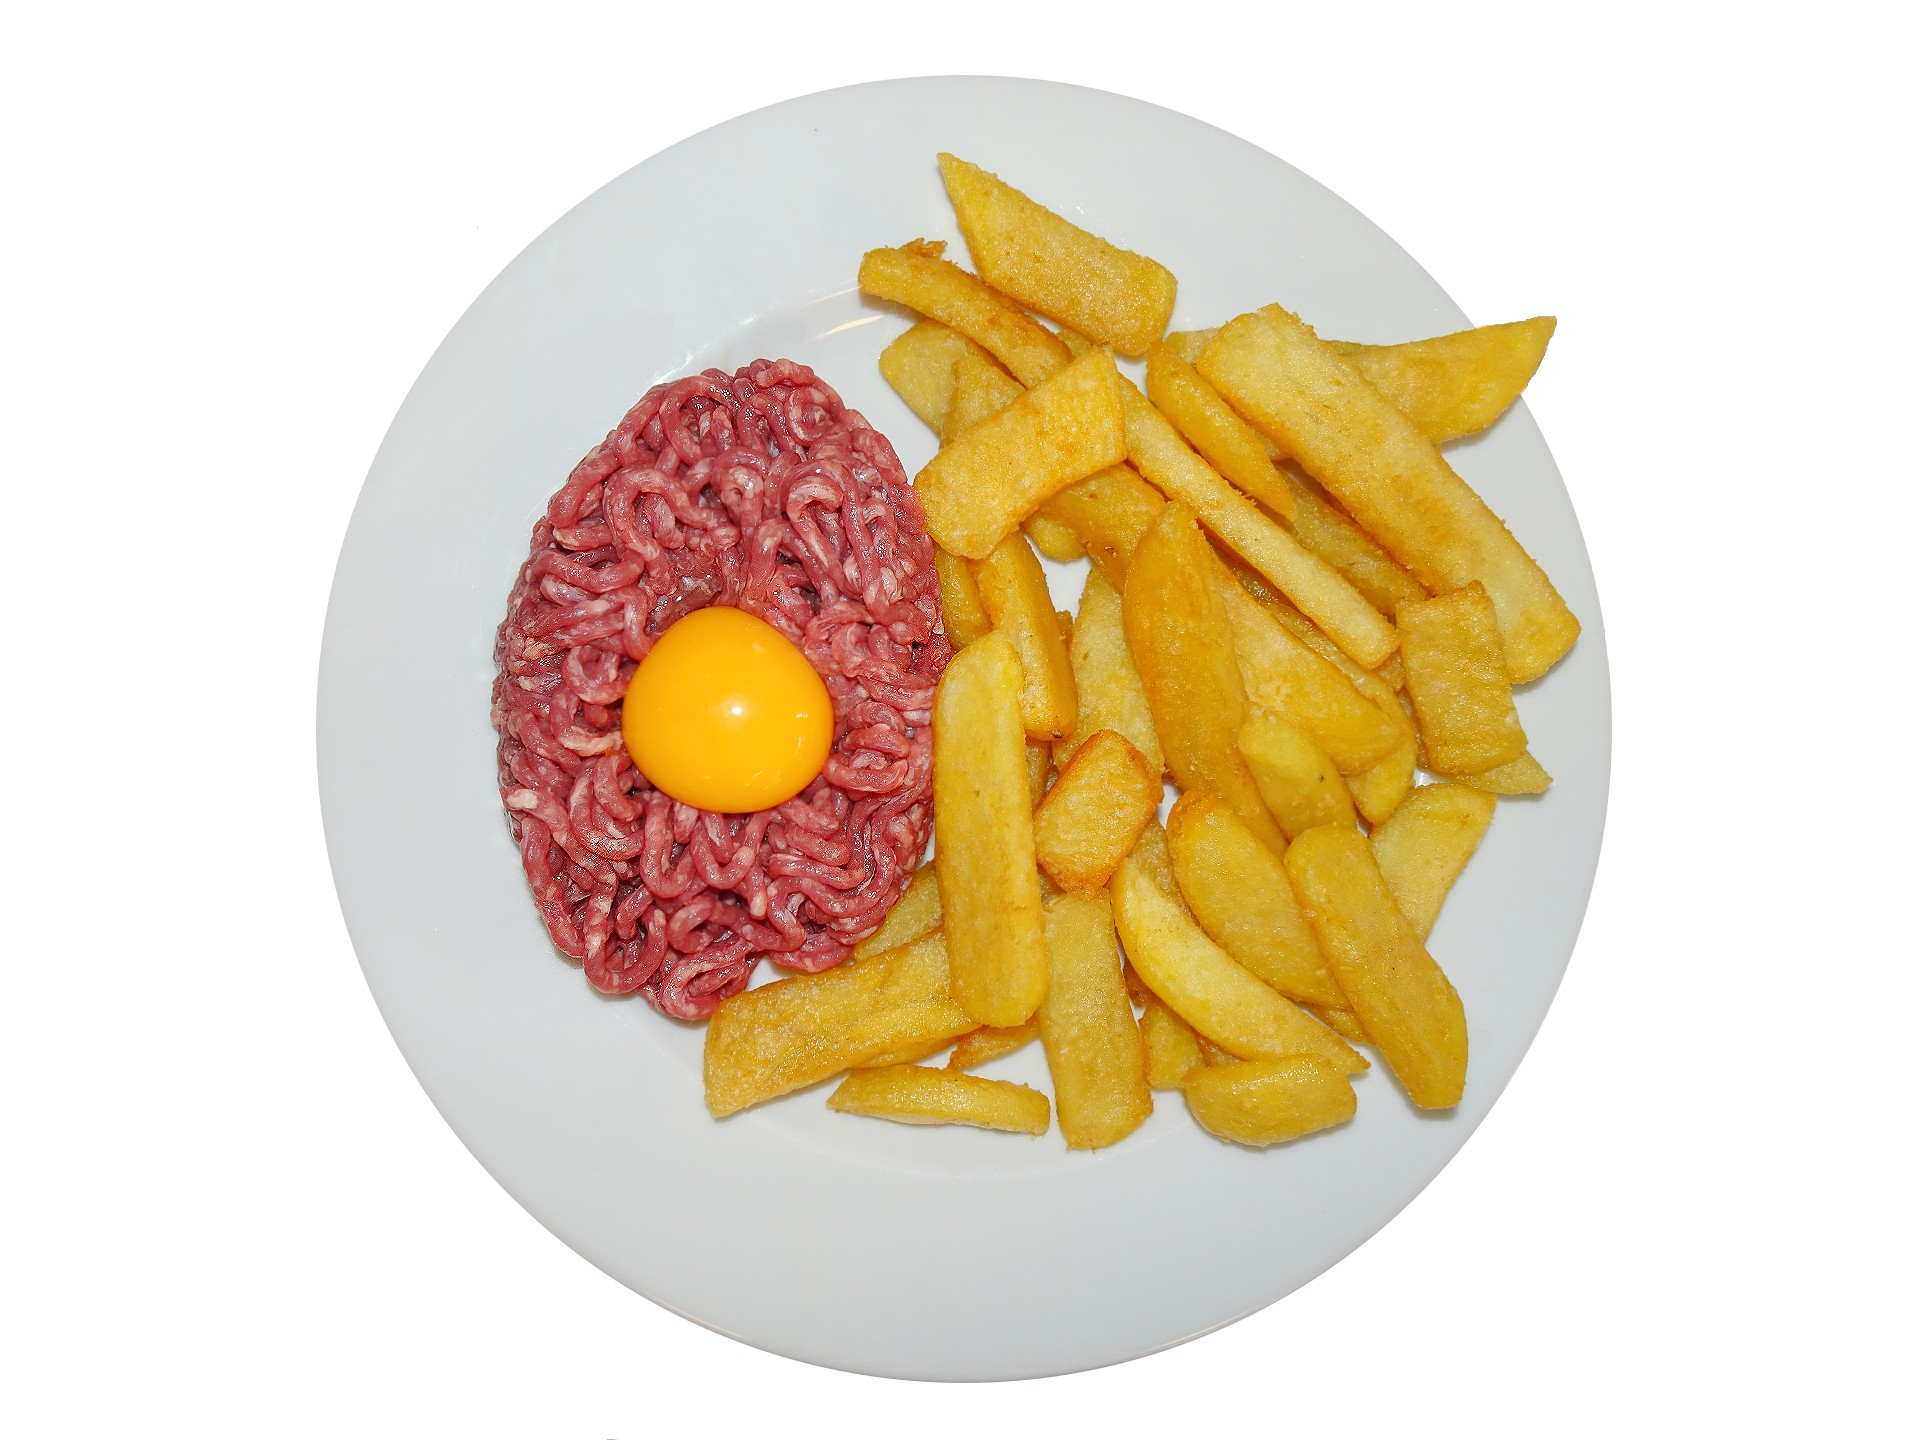 Tartare frites